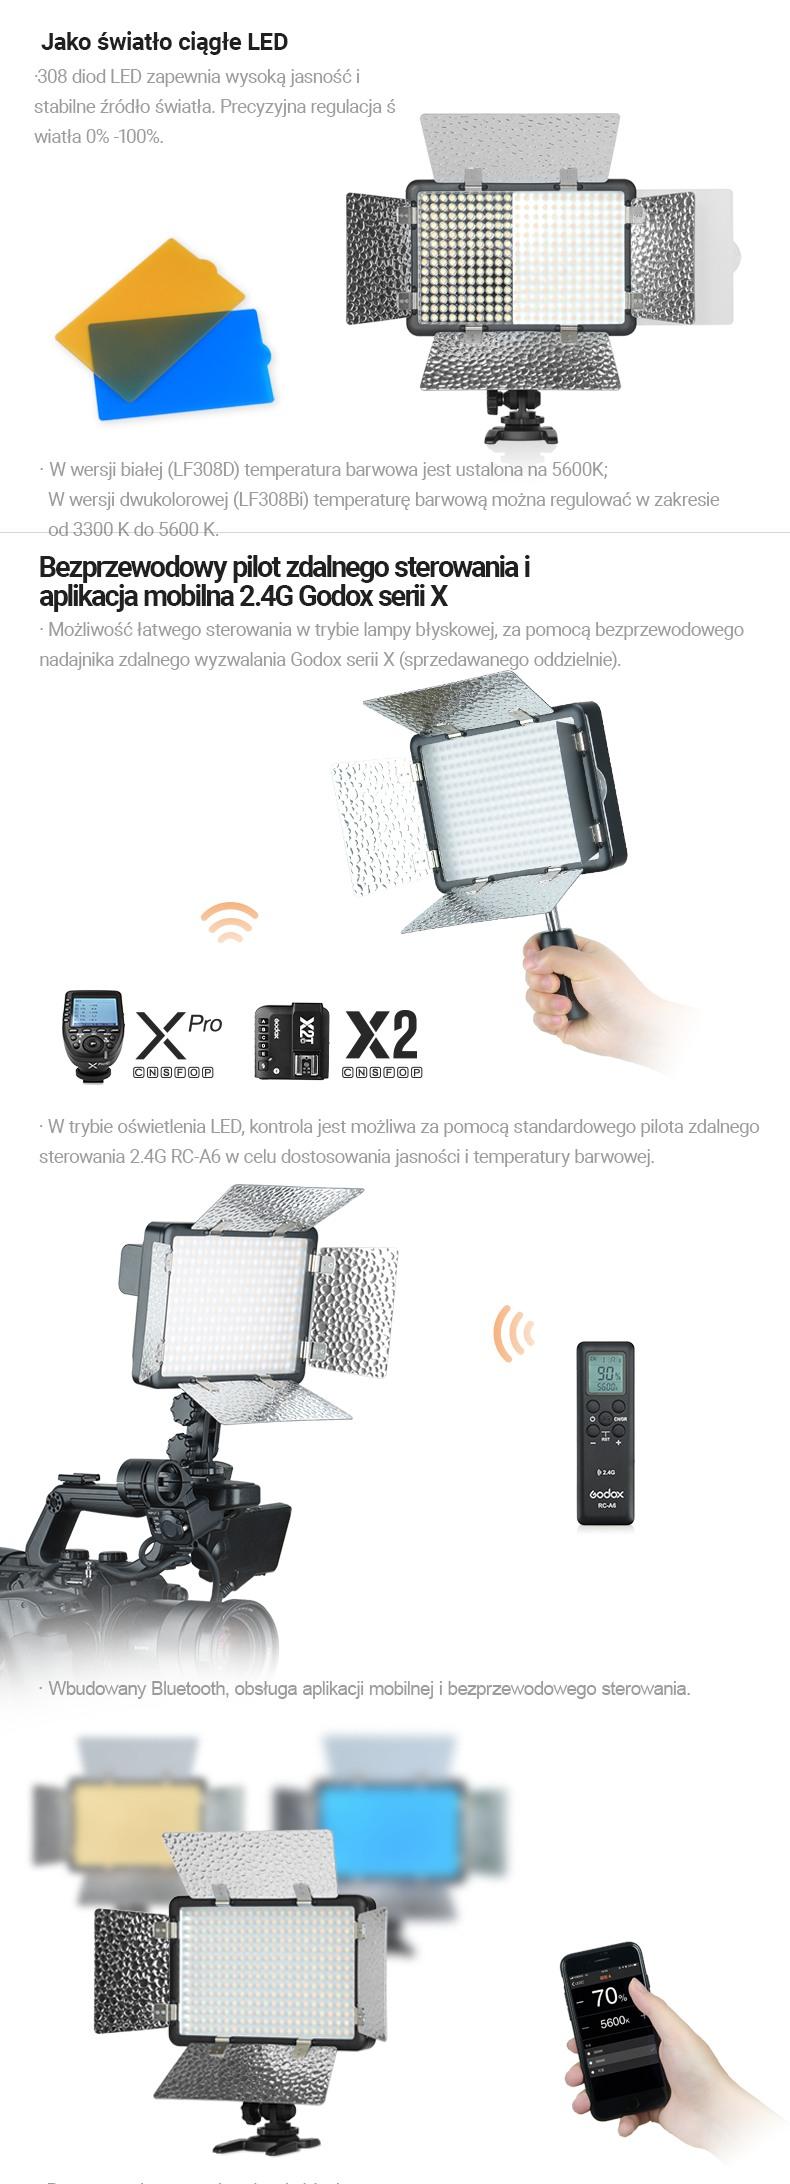 Godox LF308 Jako światło ciągłe LED. Bezprzewodowy pilot zdalnego sterowania i aplikacja mobilna. Godox X 2.4G